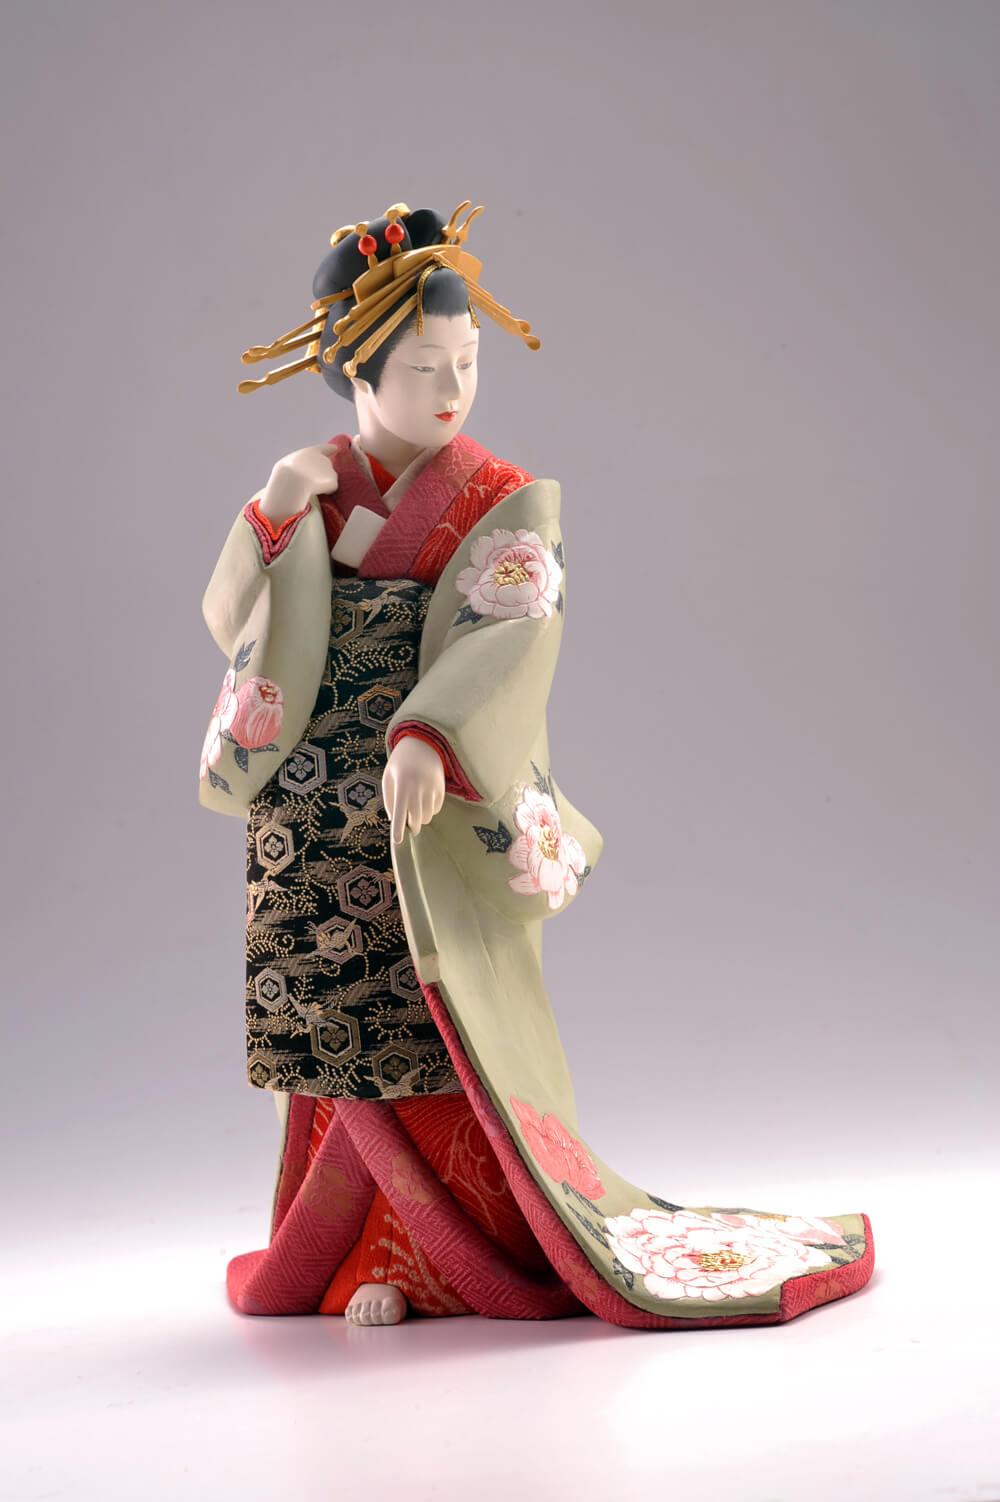 2012年11月9日から開催の「日本工芸の華 双璧 鈴木 藏・芹川 英子 展」の芹川作品7